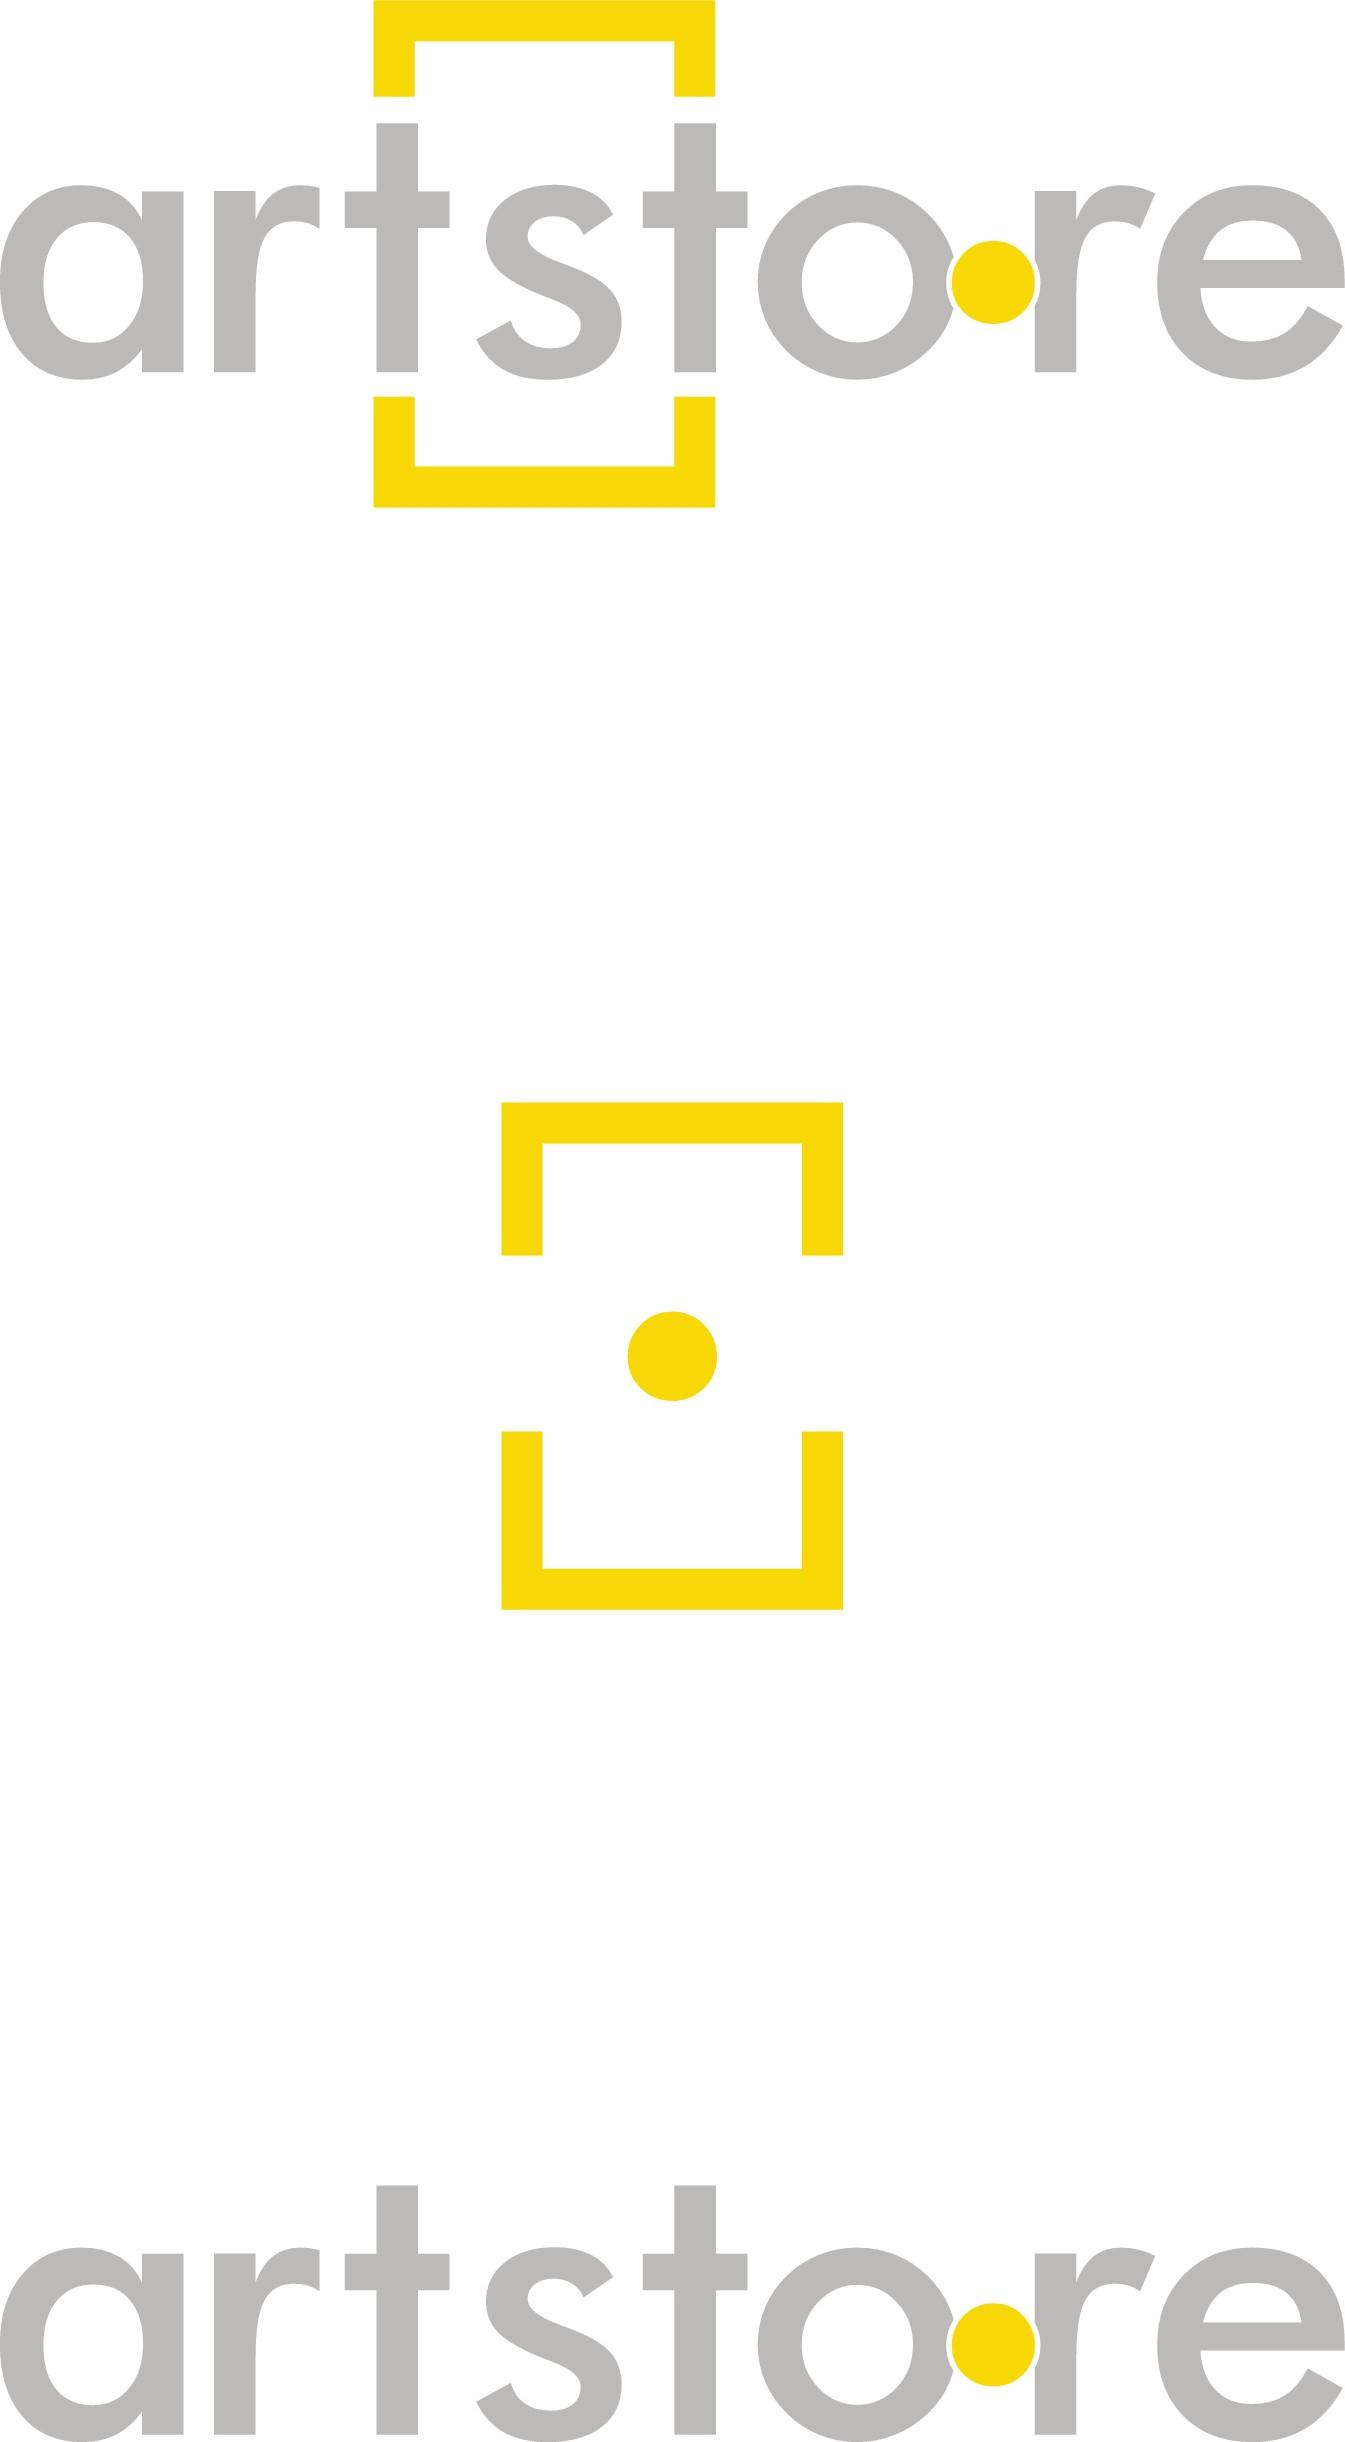 Create an artistic modern logo for an online art store